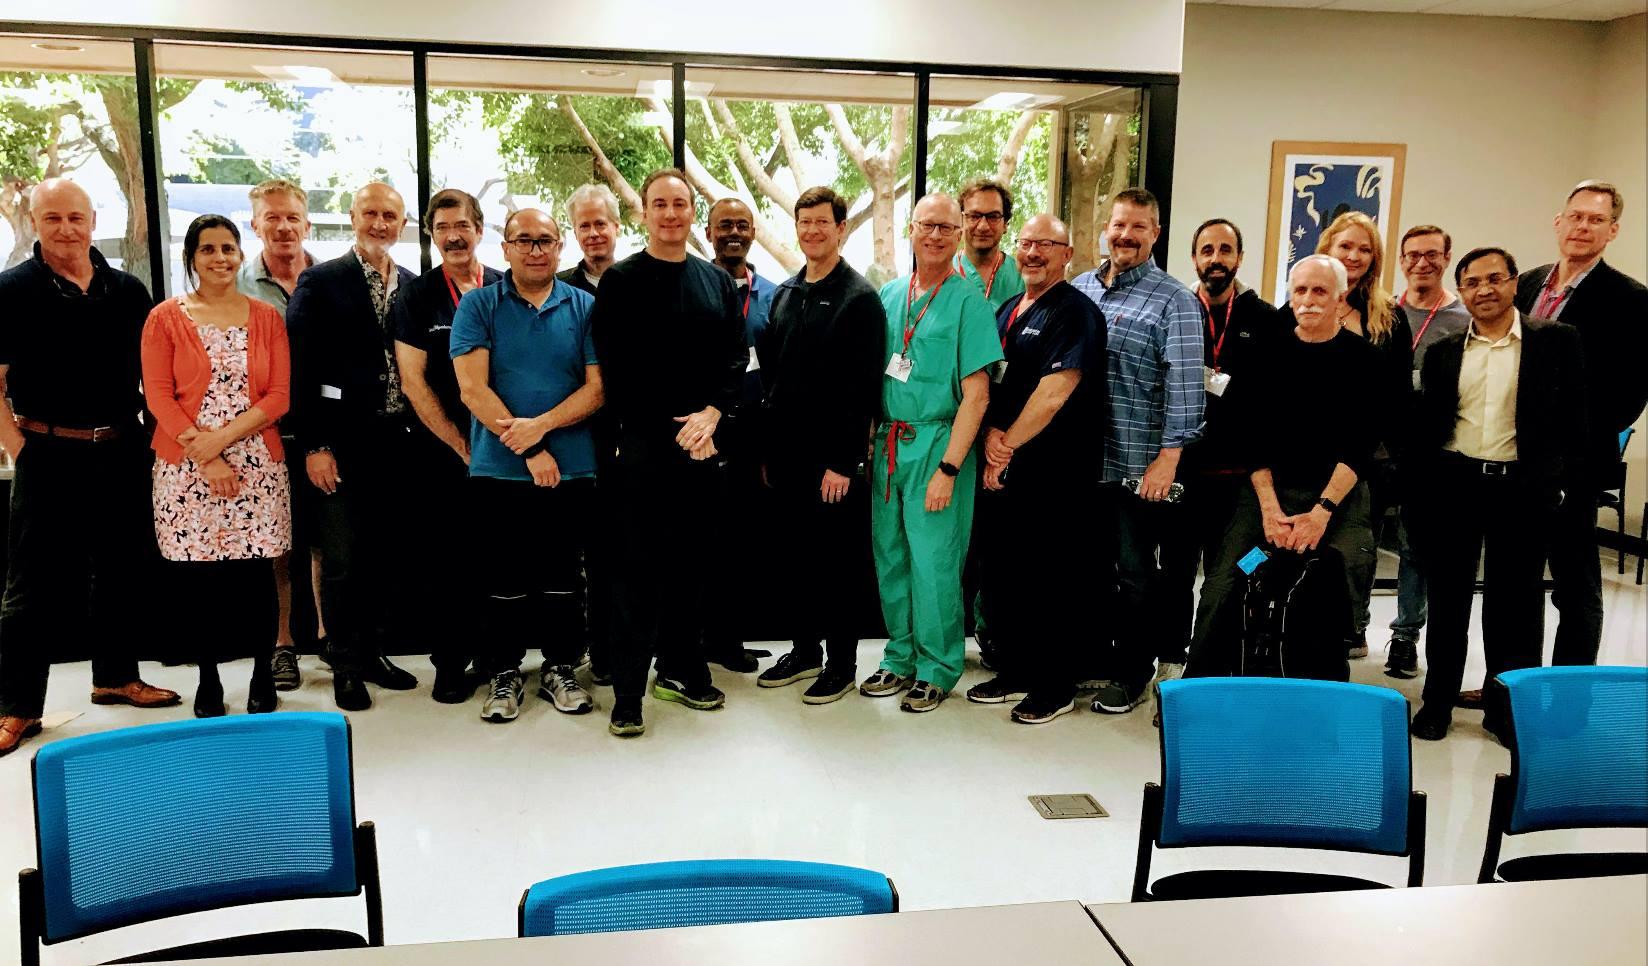 Aliviam comparte conocimientos en la SIS Instructor Academy de Phoenix